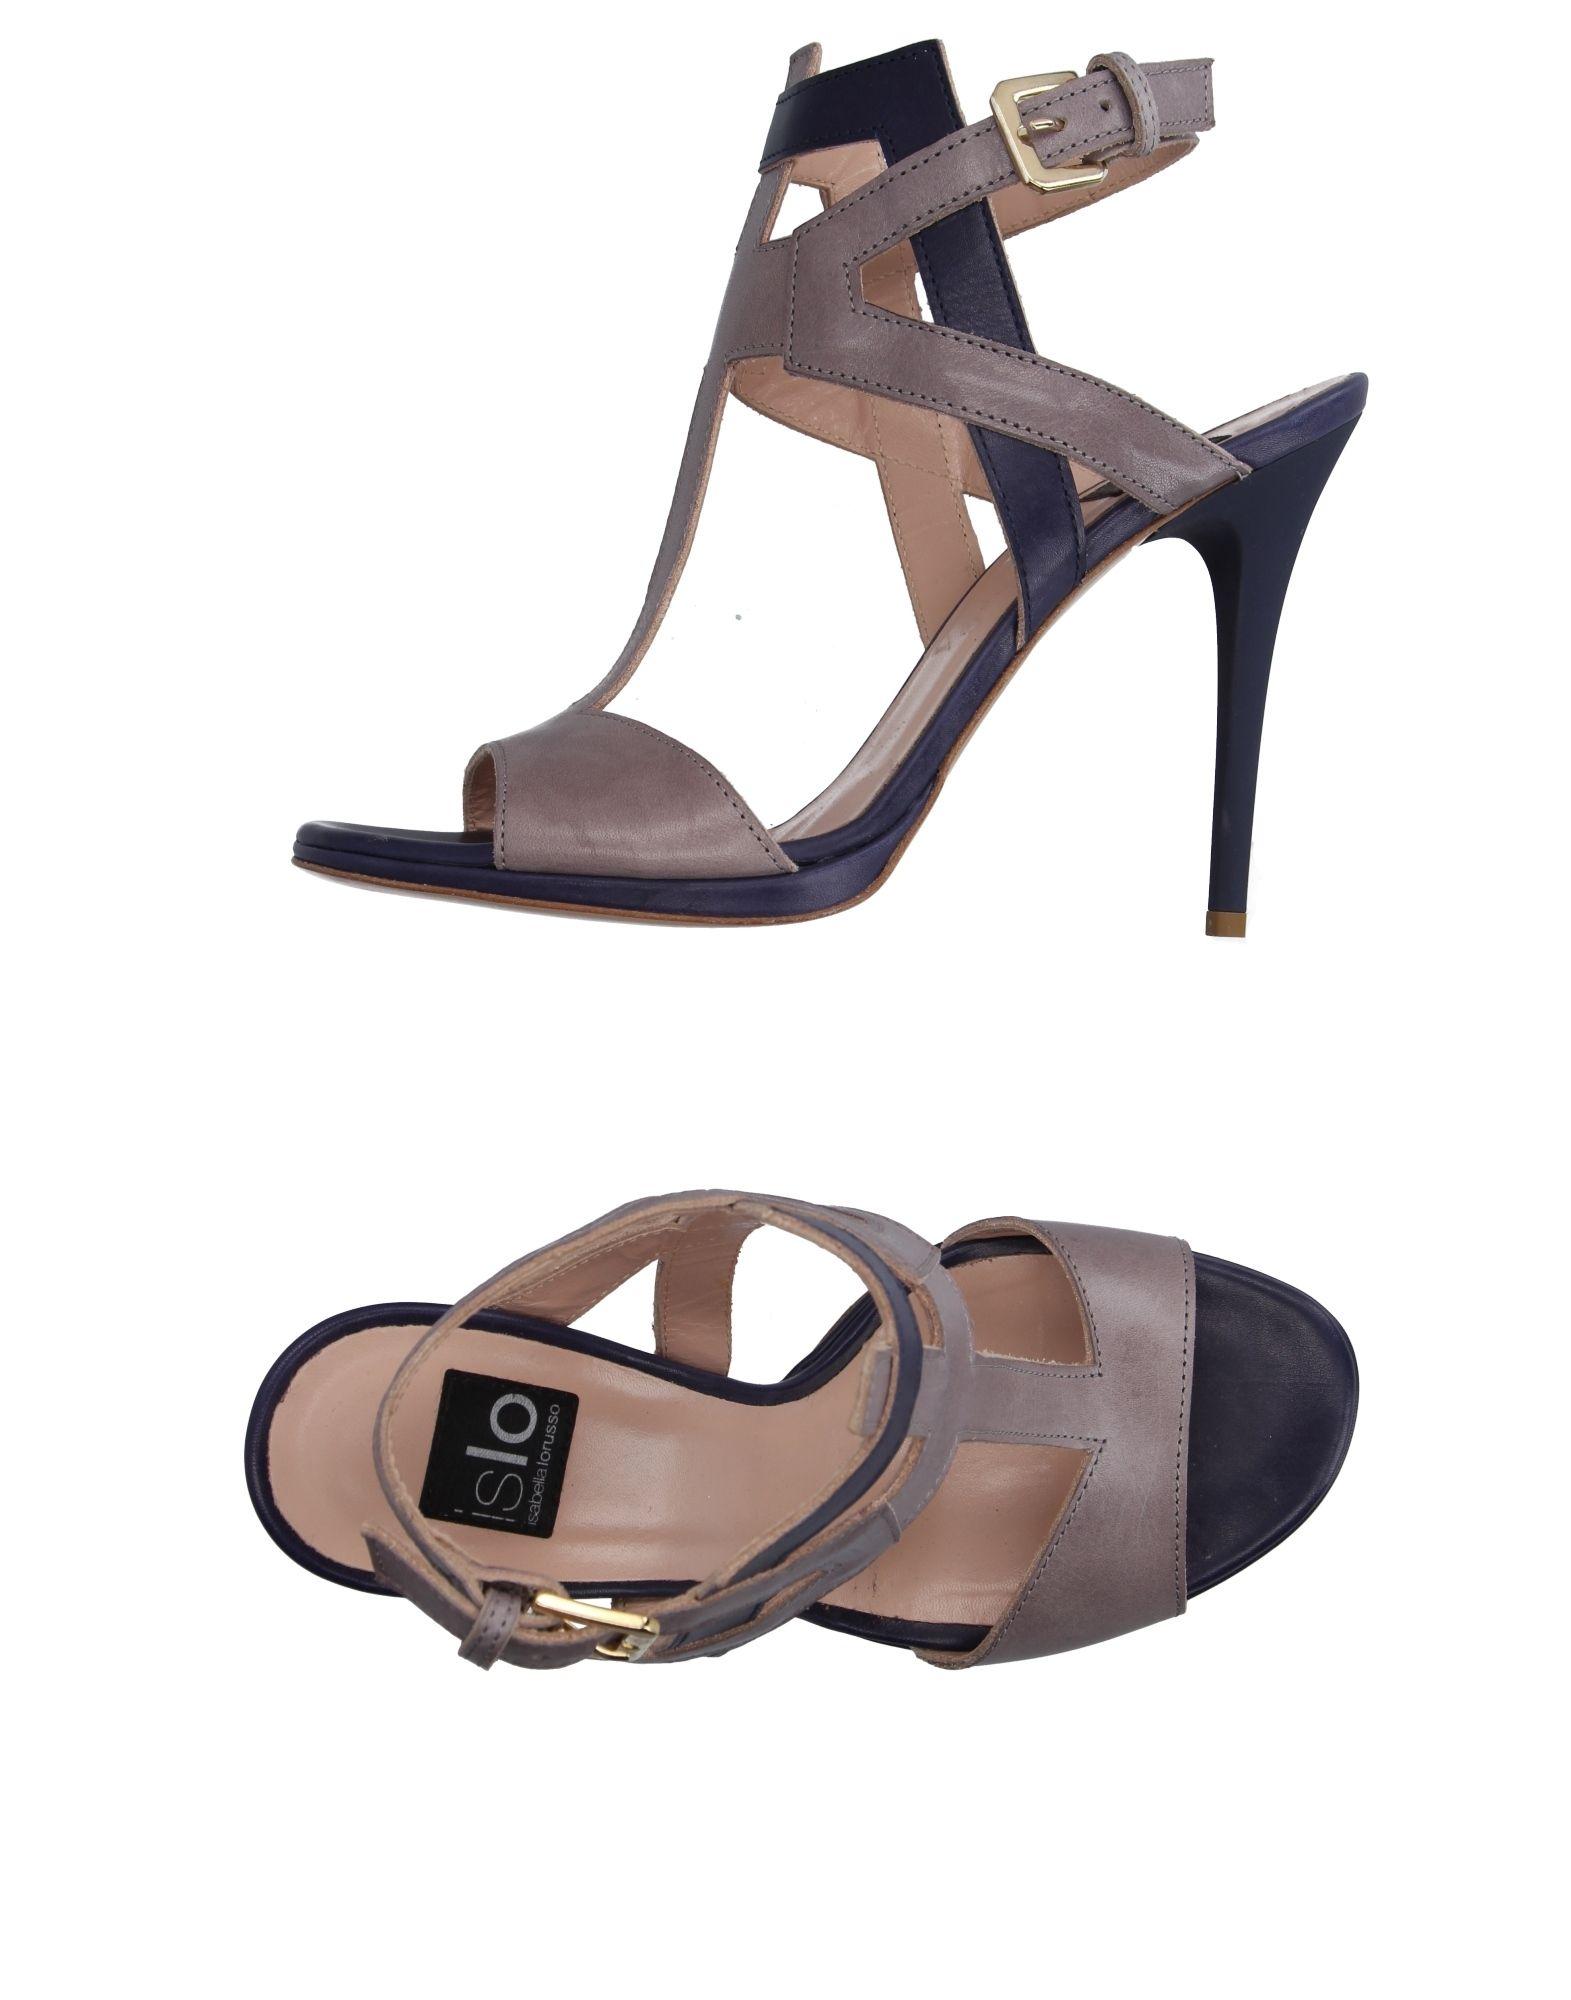 Islo Isabella Lorusso Sandalen Damen  11130871HW Gute Schuhe Qualität beliebte Schuhe Gute 586747